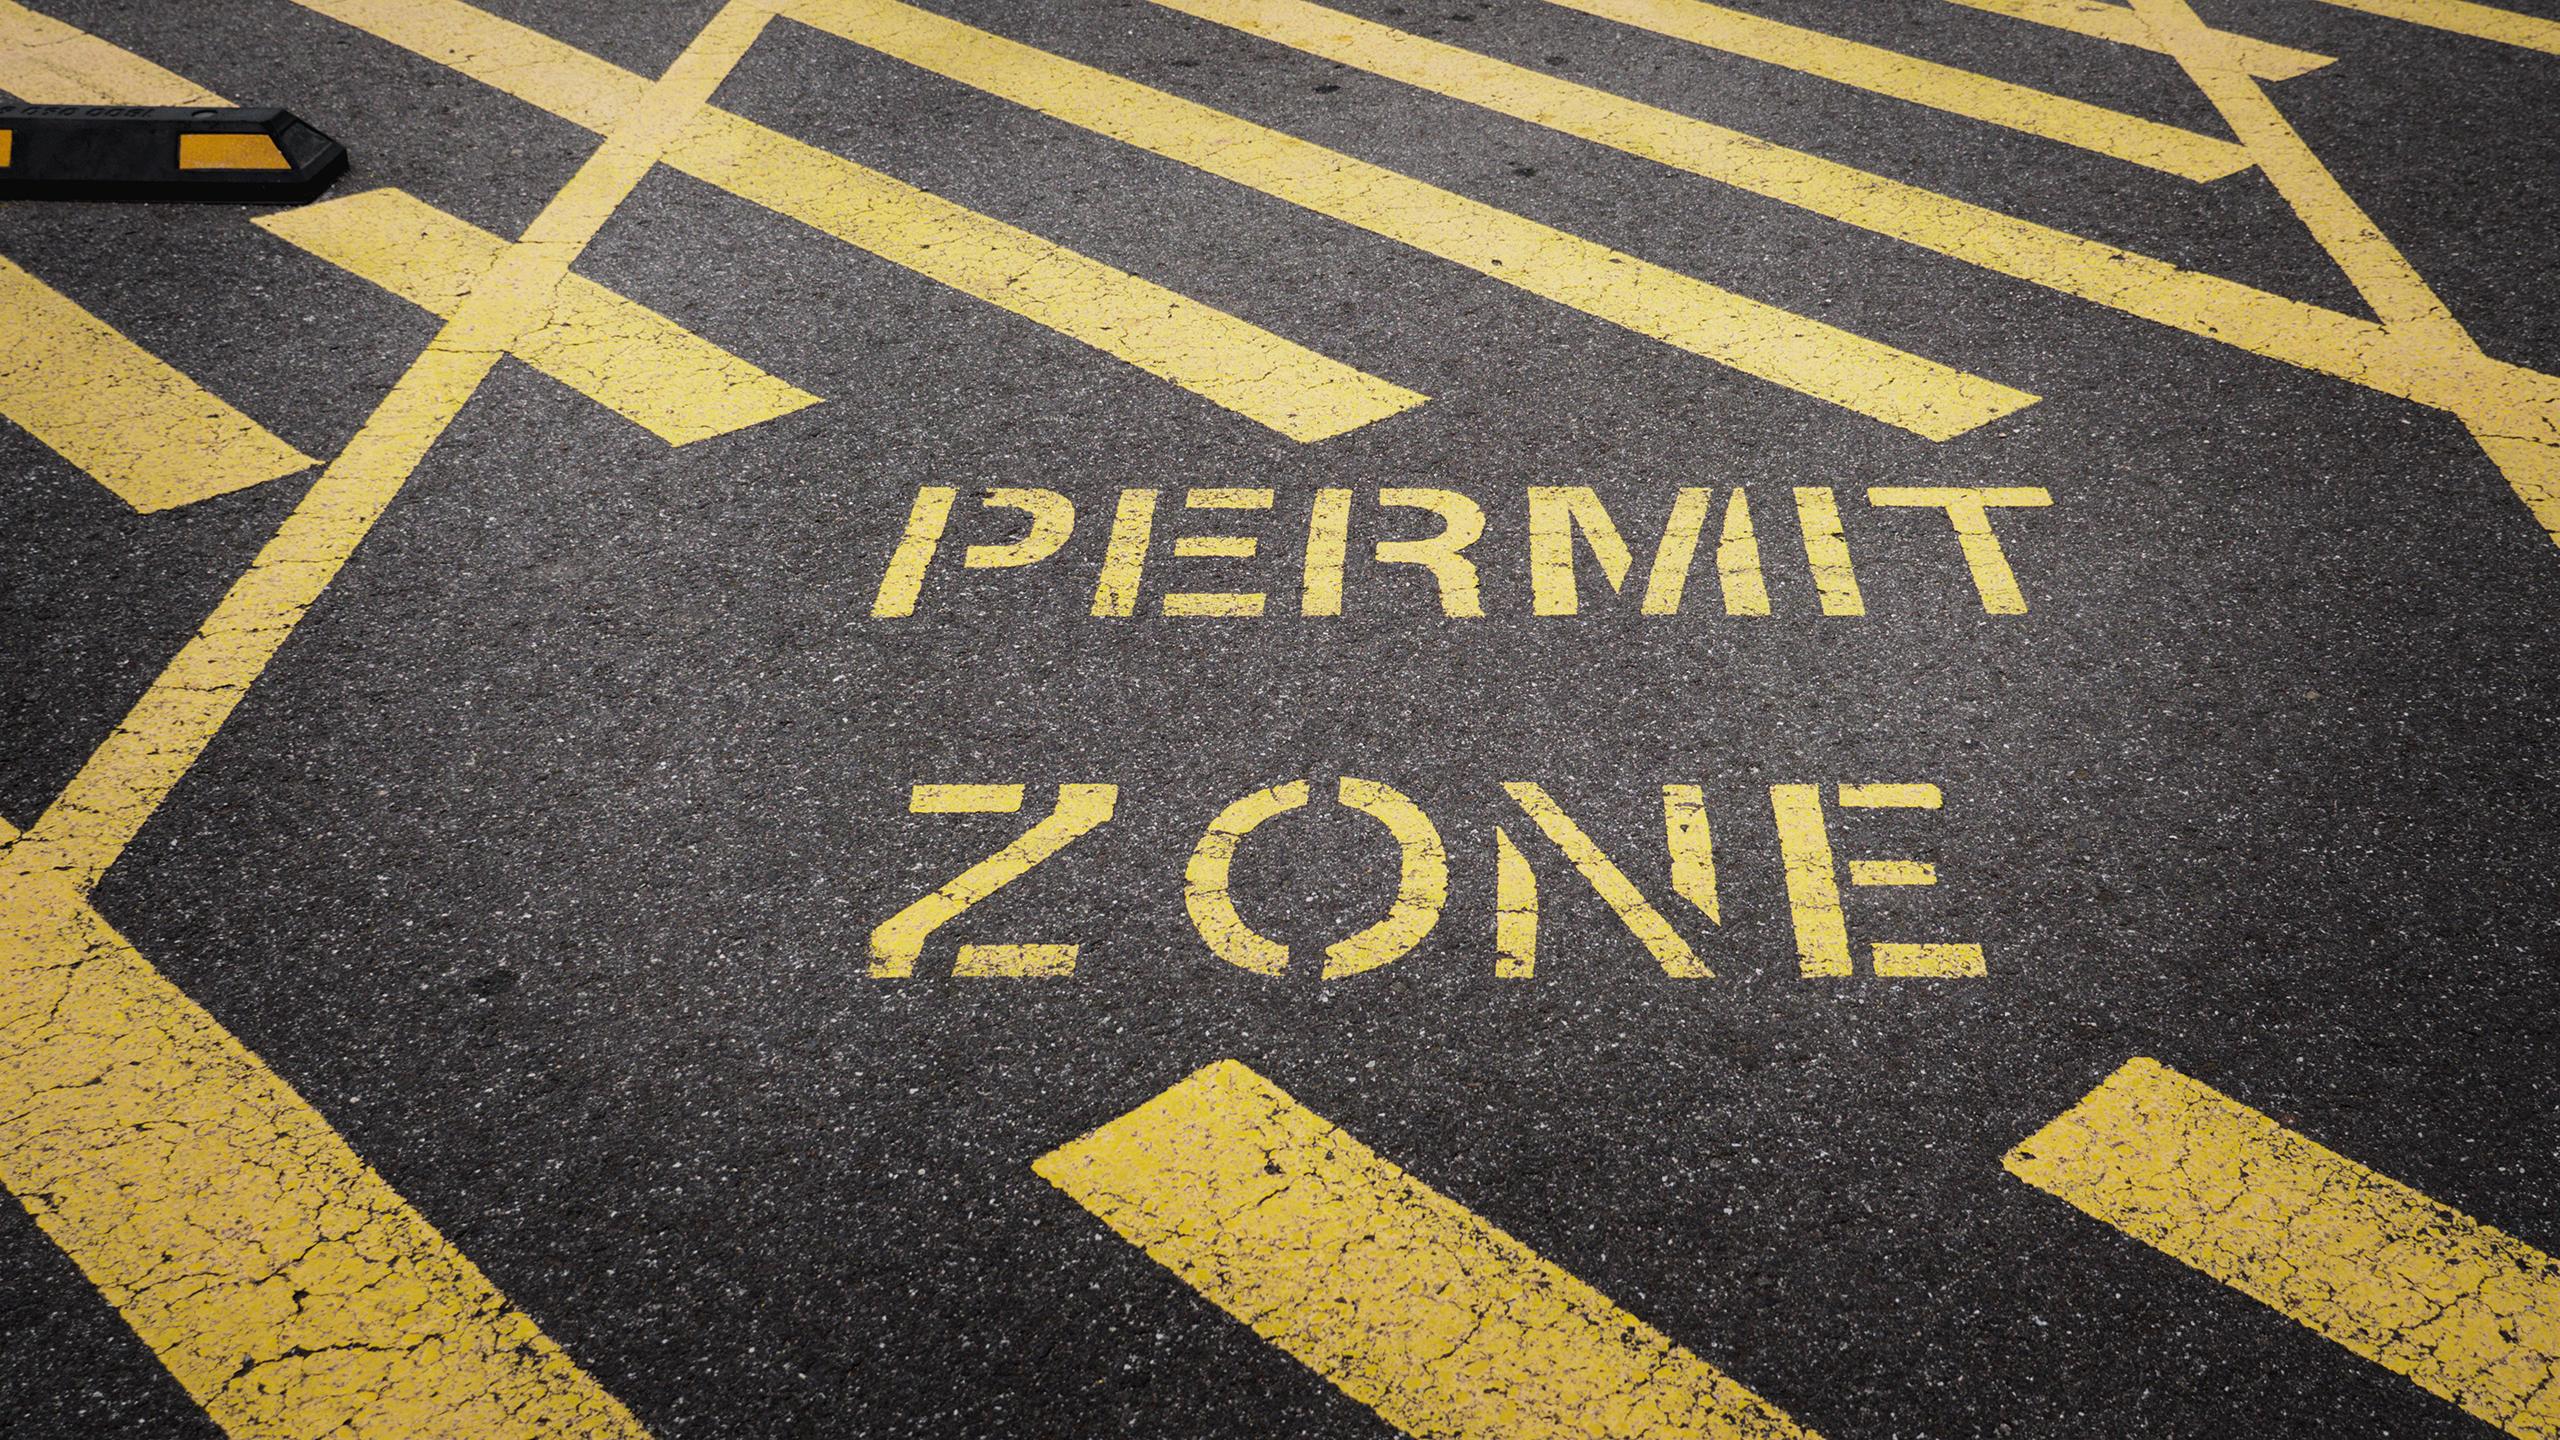 Car Park Permits   Parking Permit